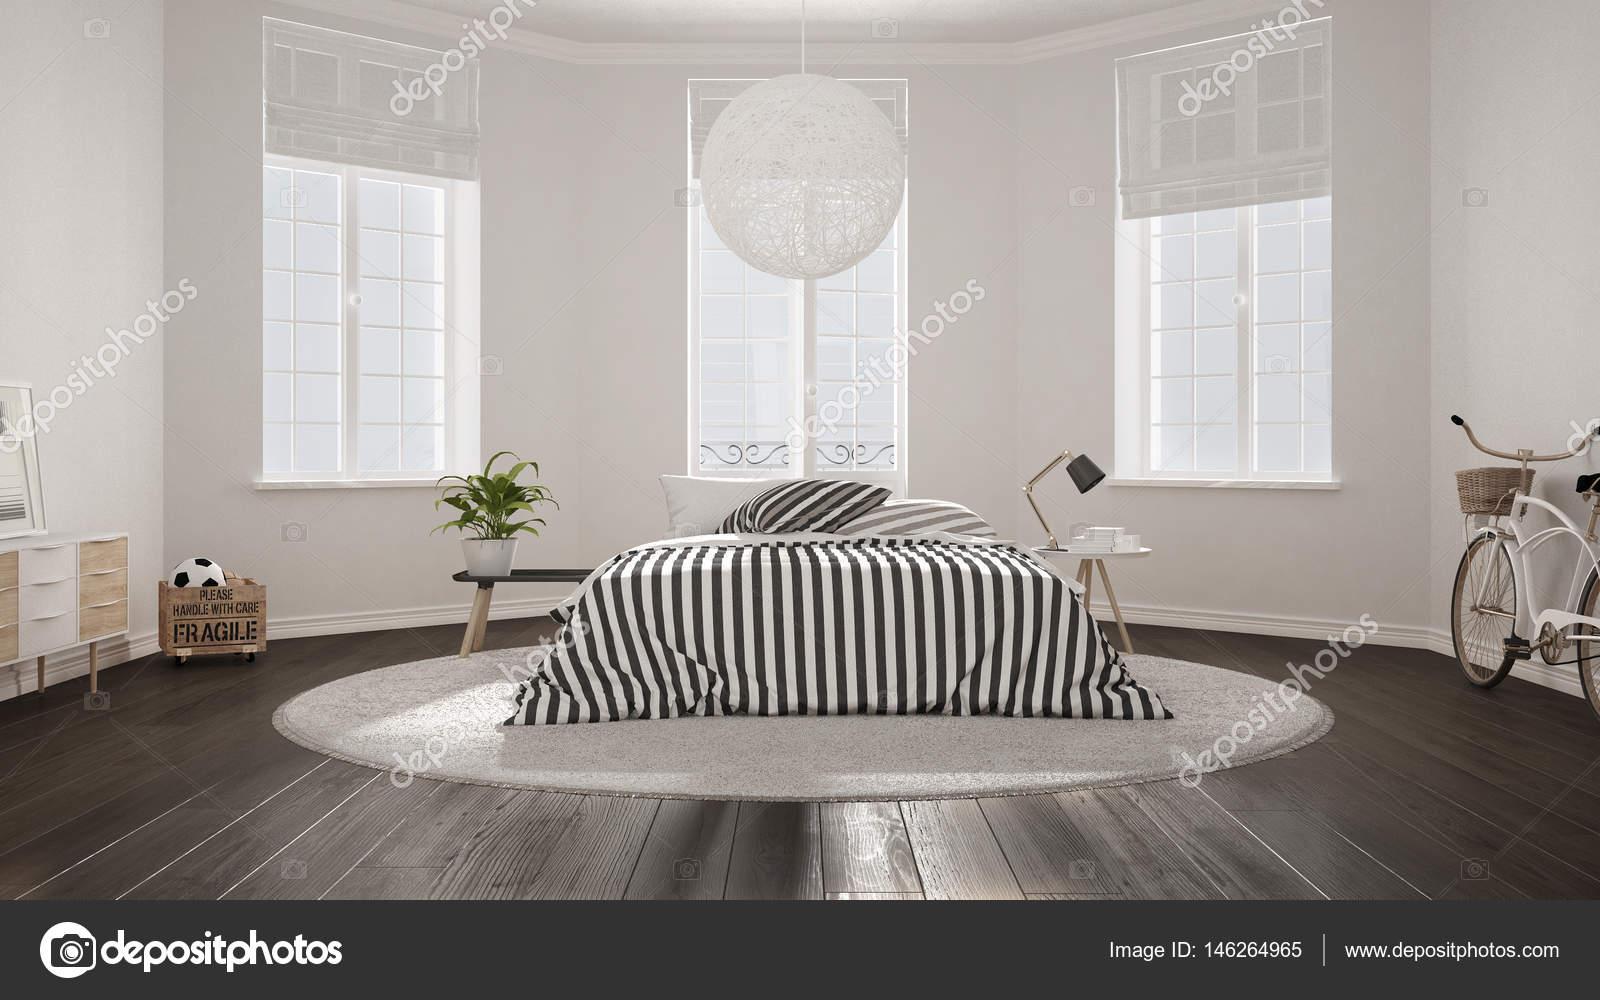 Camere Da Letto Nordiche : Camera da letto minimalista nordico bianco interni in stile